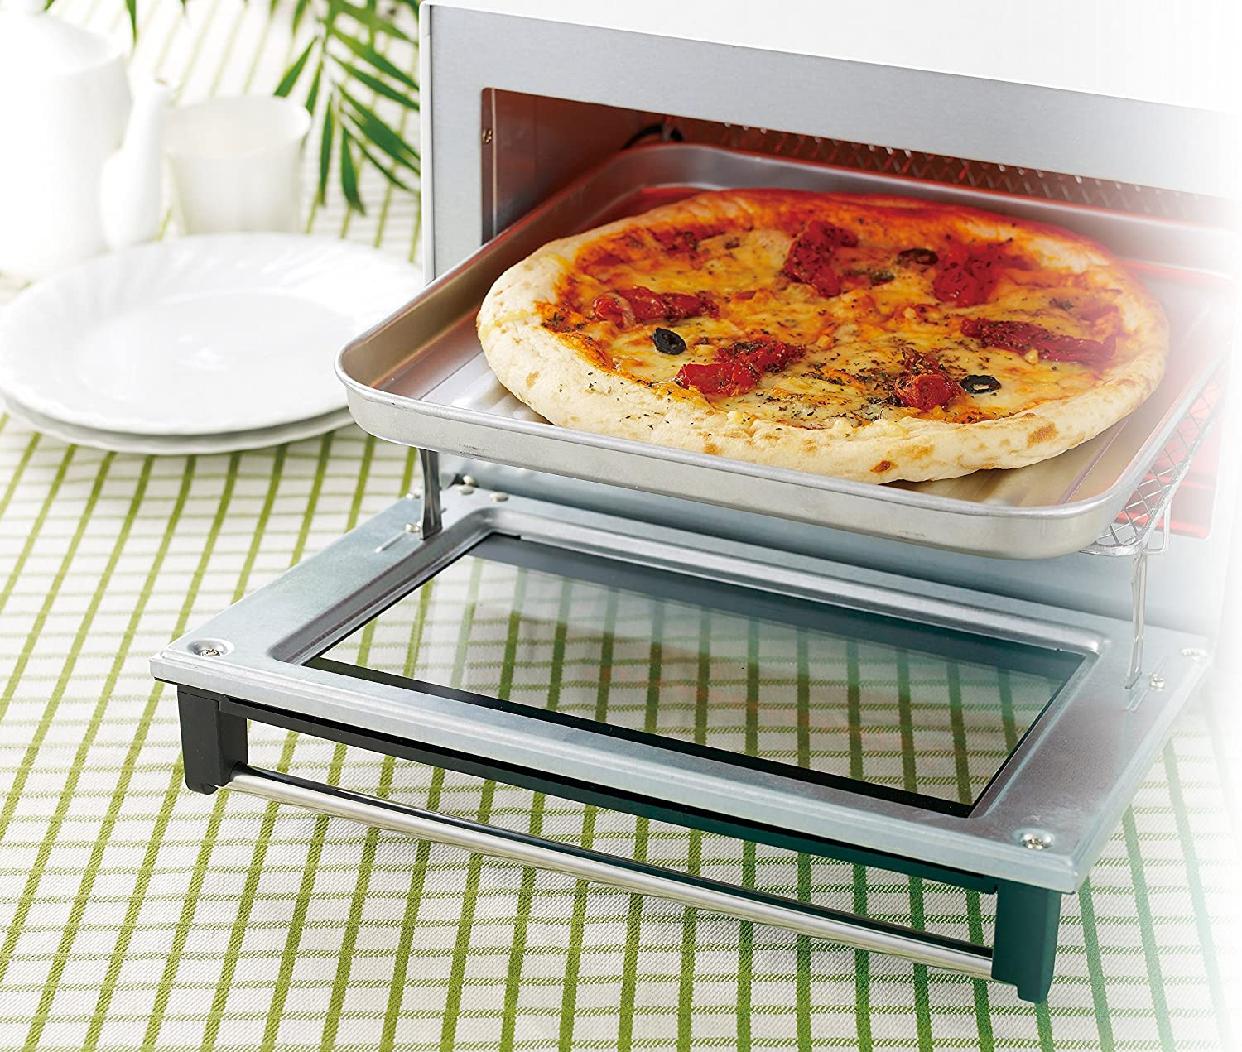 PIERA(ピエリア) ビッグオーブントースター DOT-1402の商品画像7